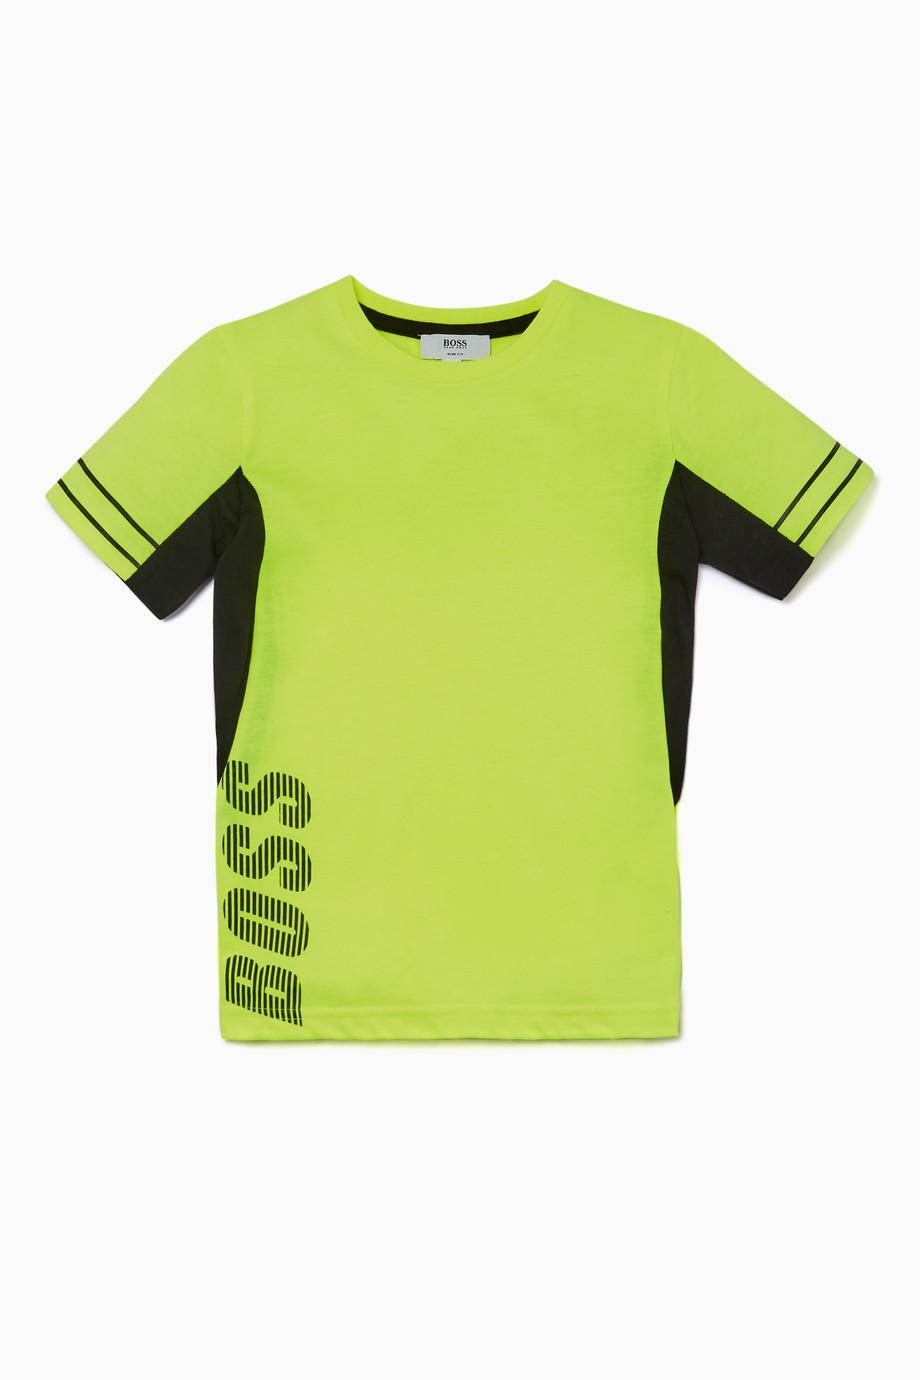 95d0c6d284bb Shop Boss Yellow Neon-Yellow Side Logo T-Shirt for Kids | Ounass